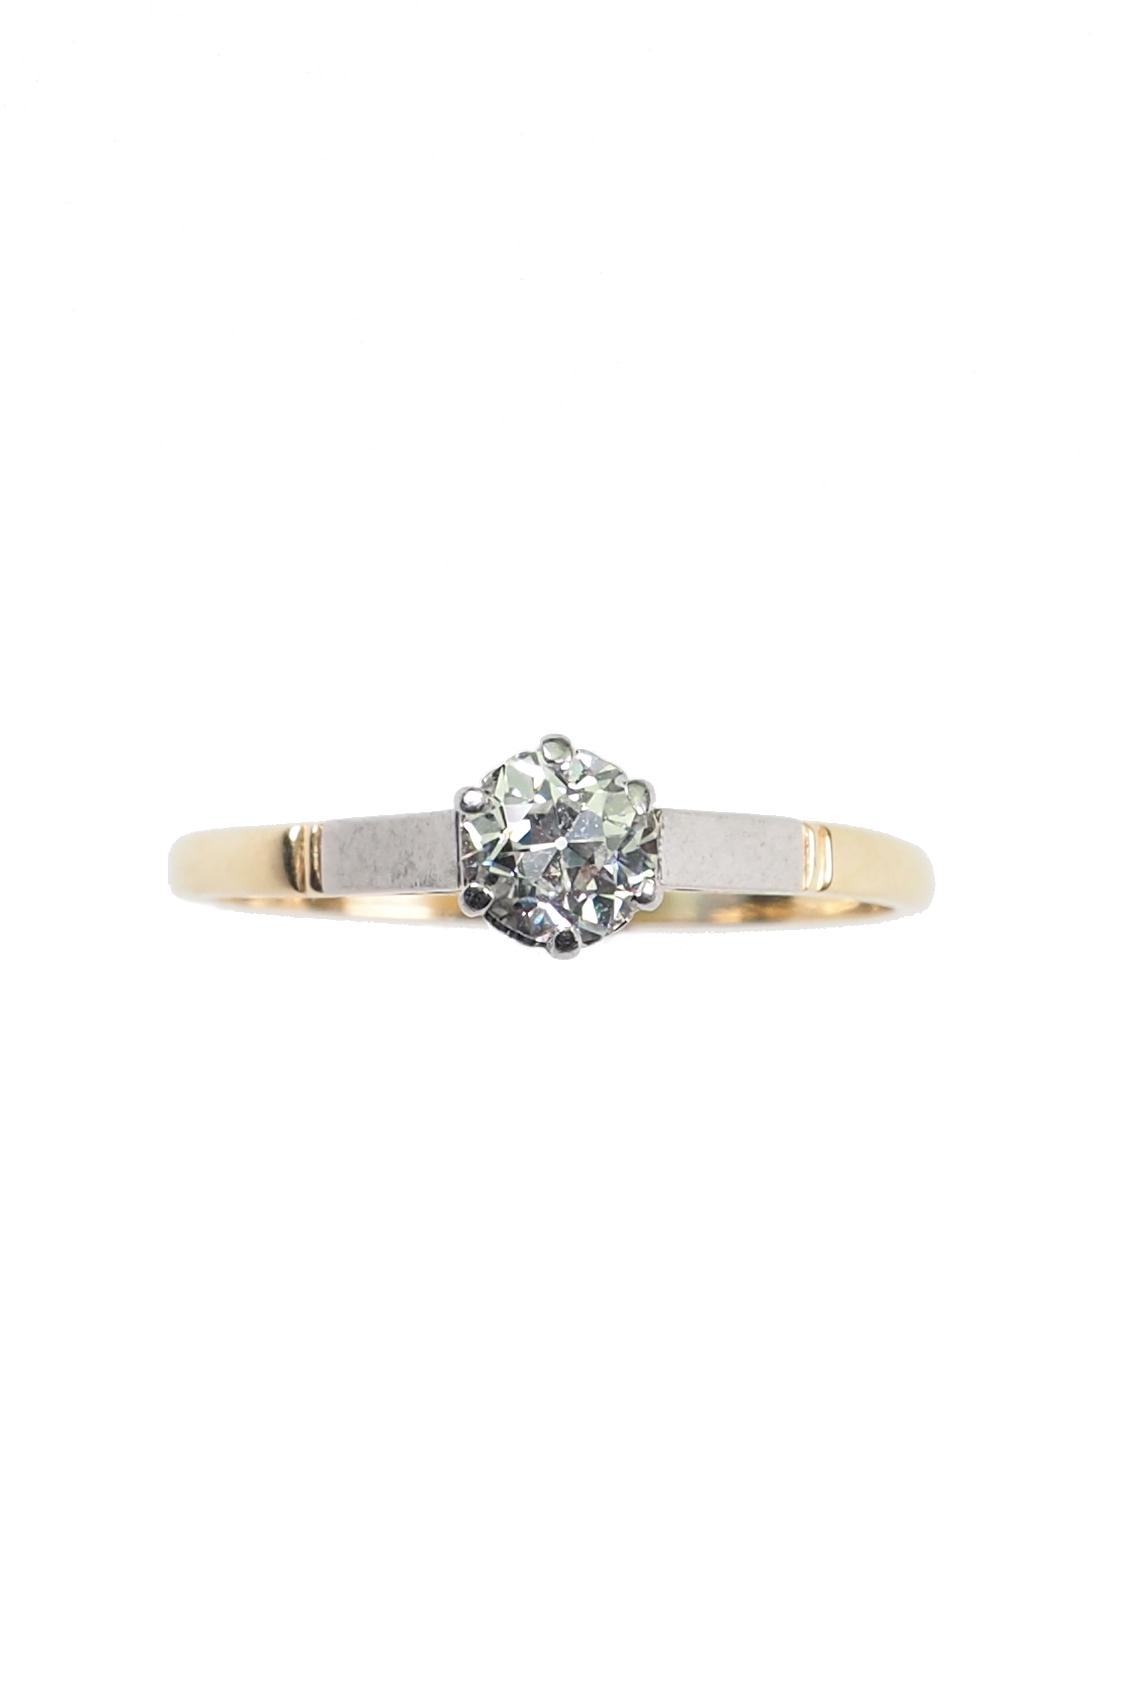 Verlobungsringe-online-kaufen-1040